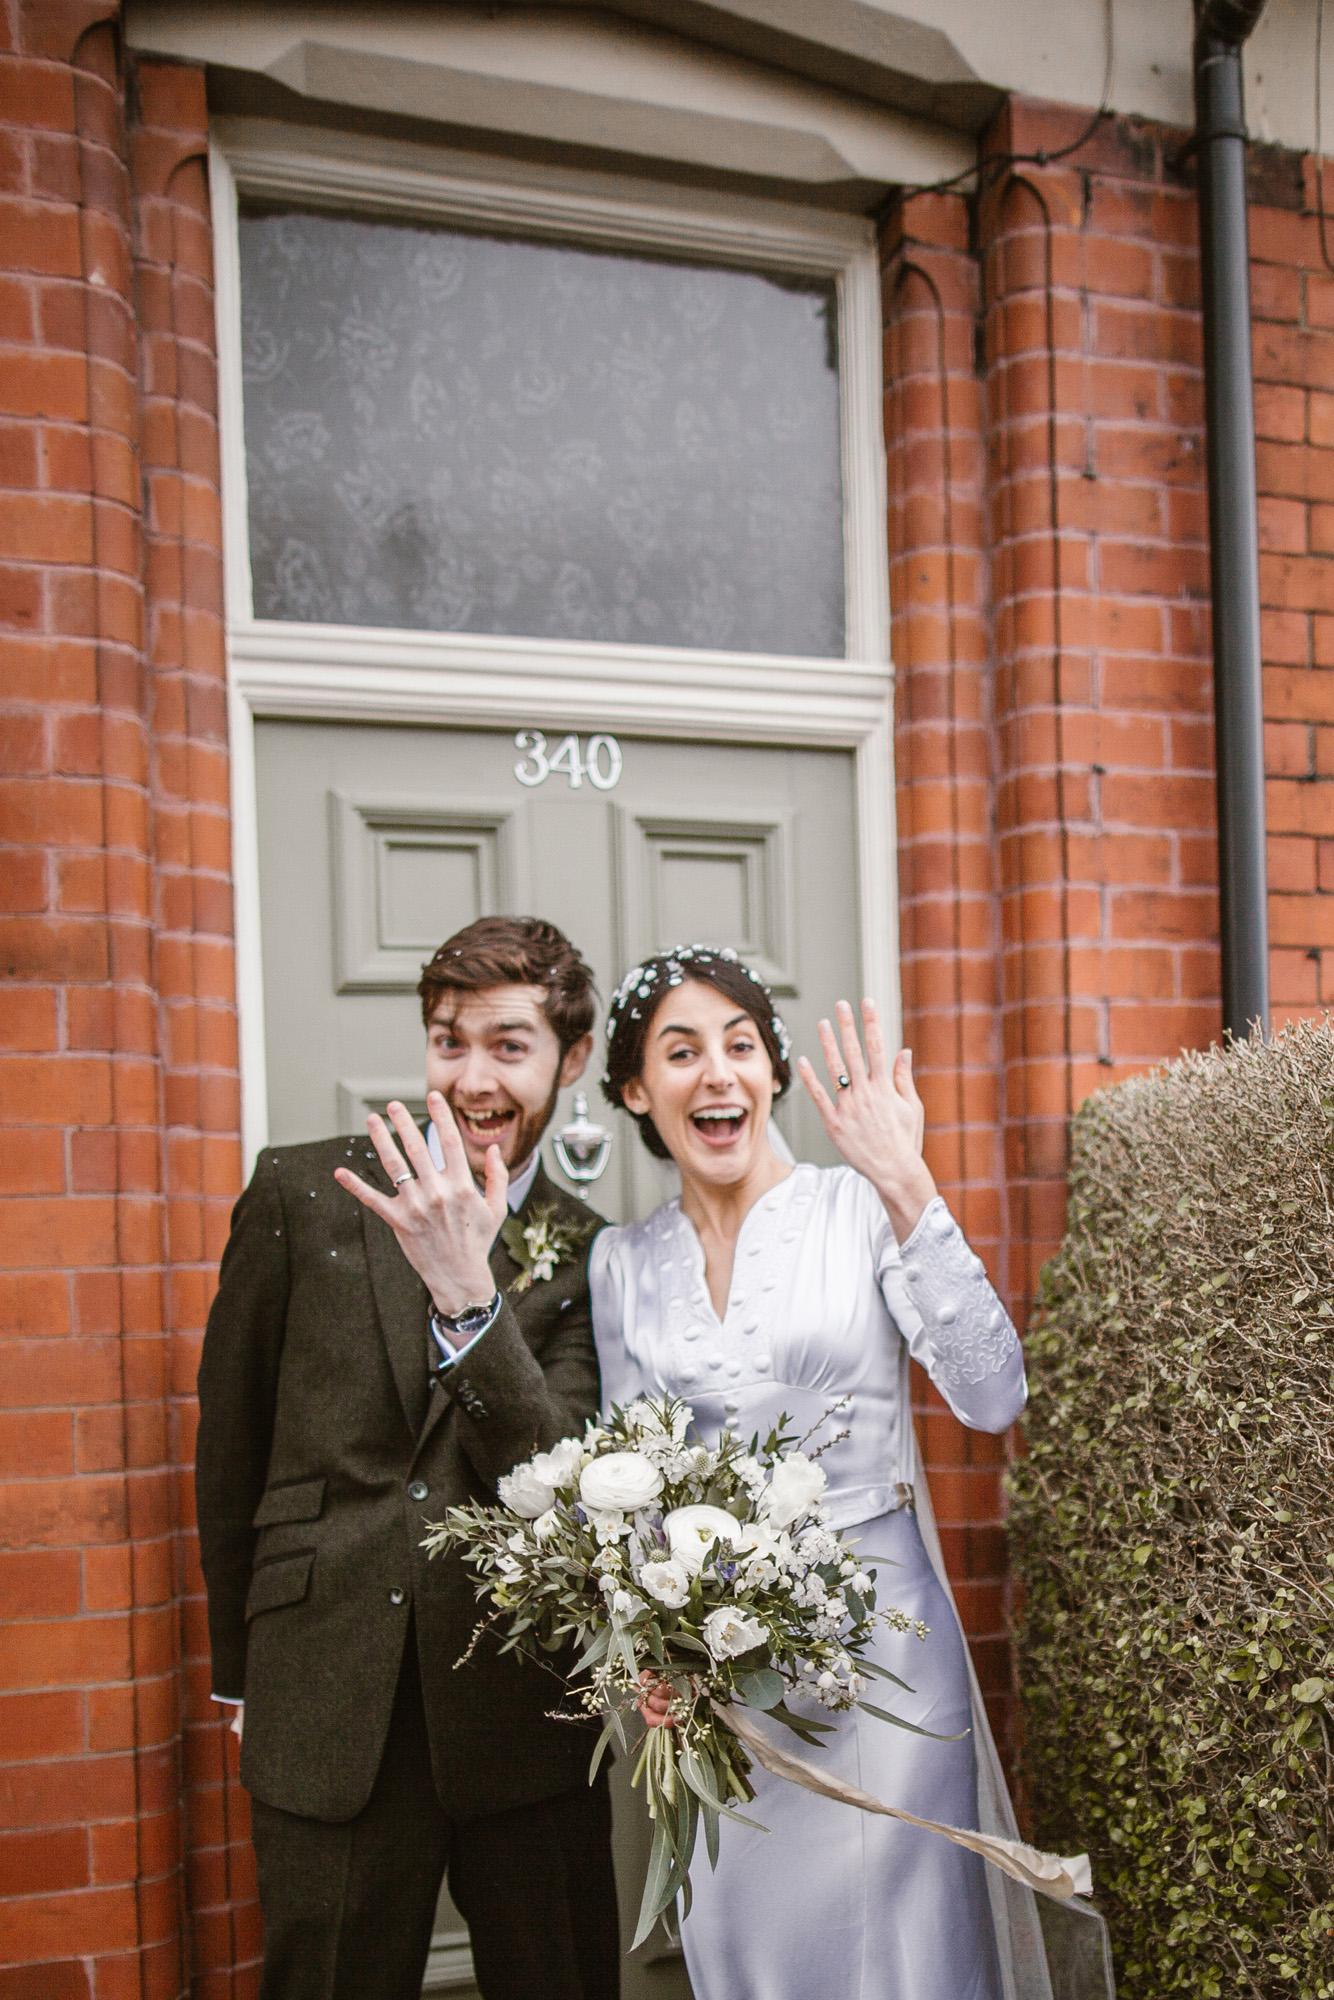 Kate-Elegant-Original-Vintage-1930s-Wedding-Gown-Kate-Beaumont-Sheffield-23.jpg